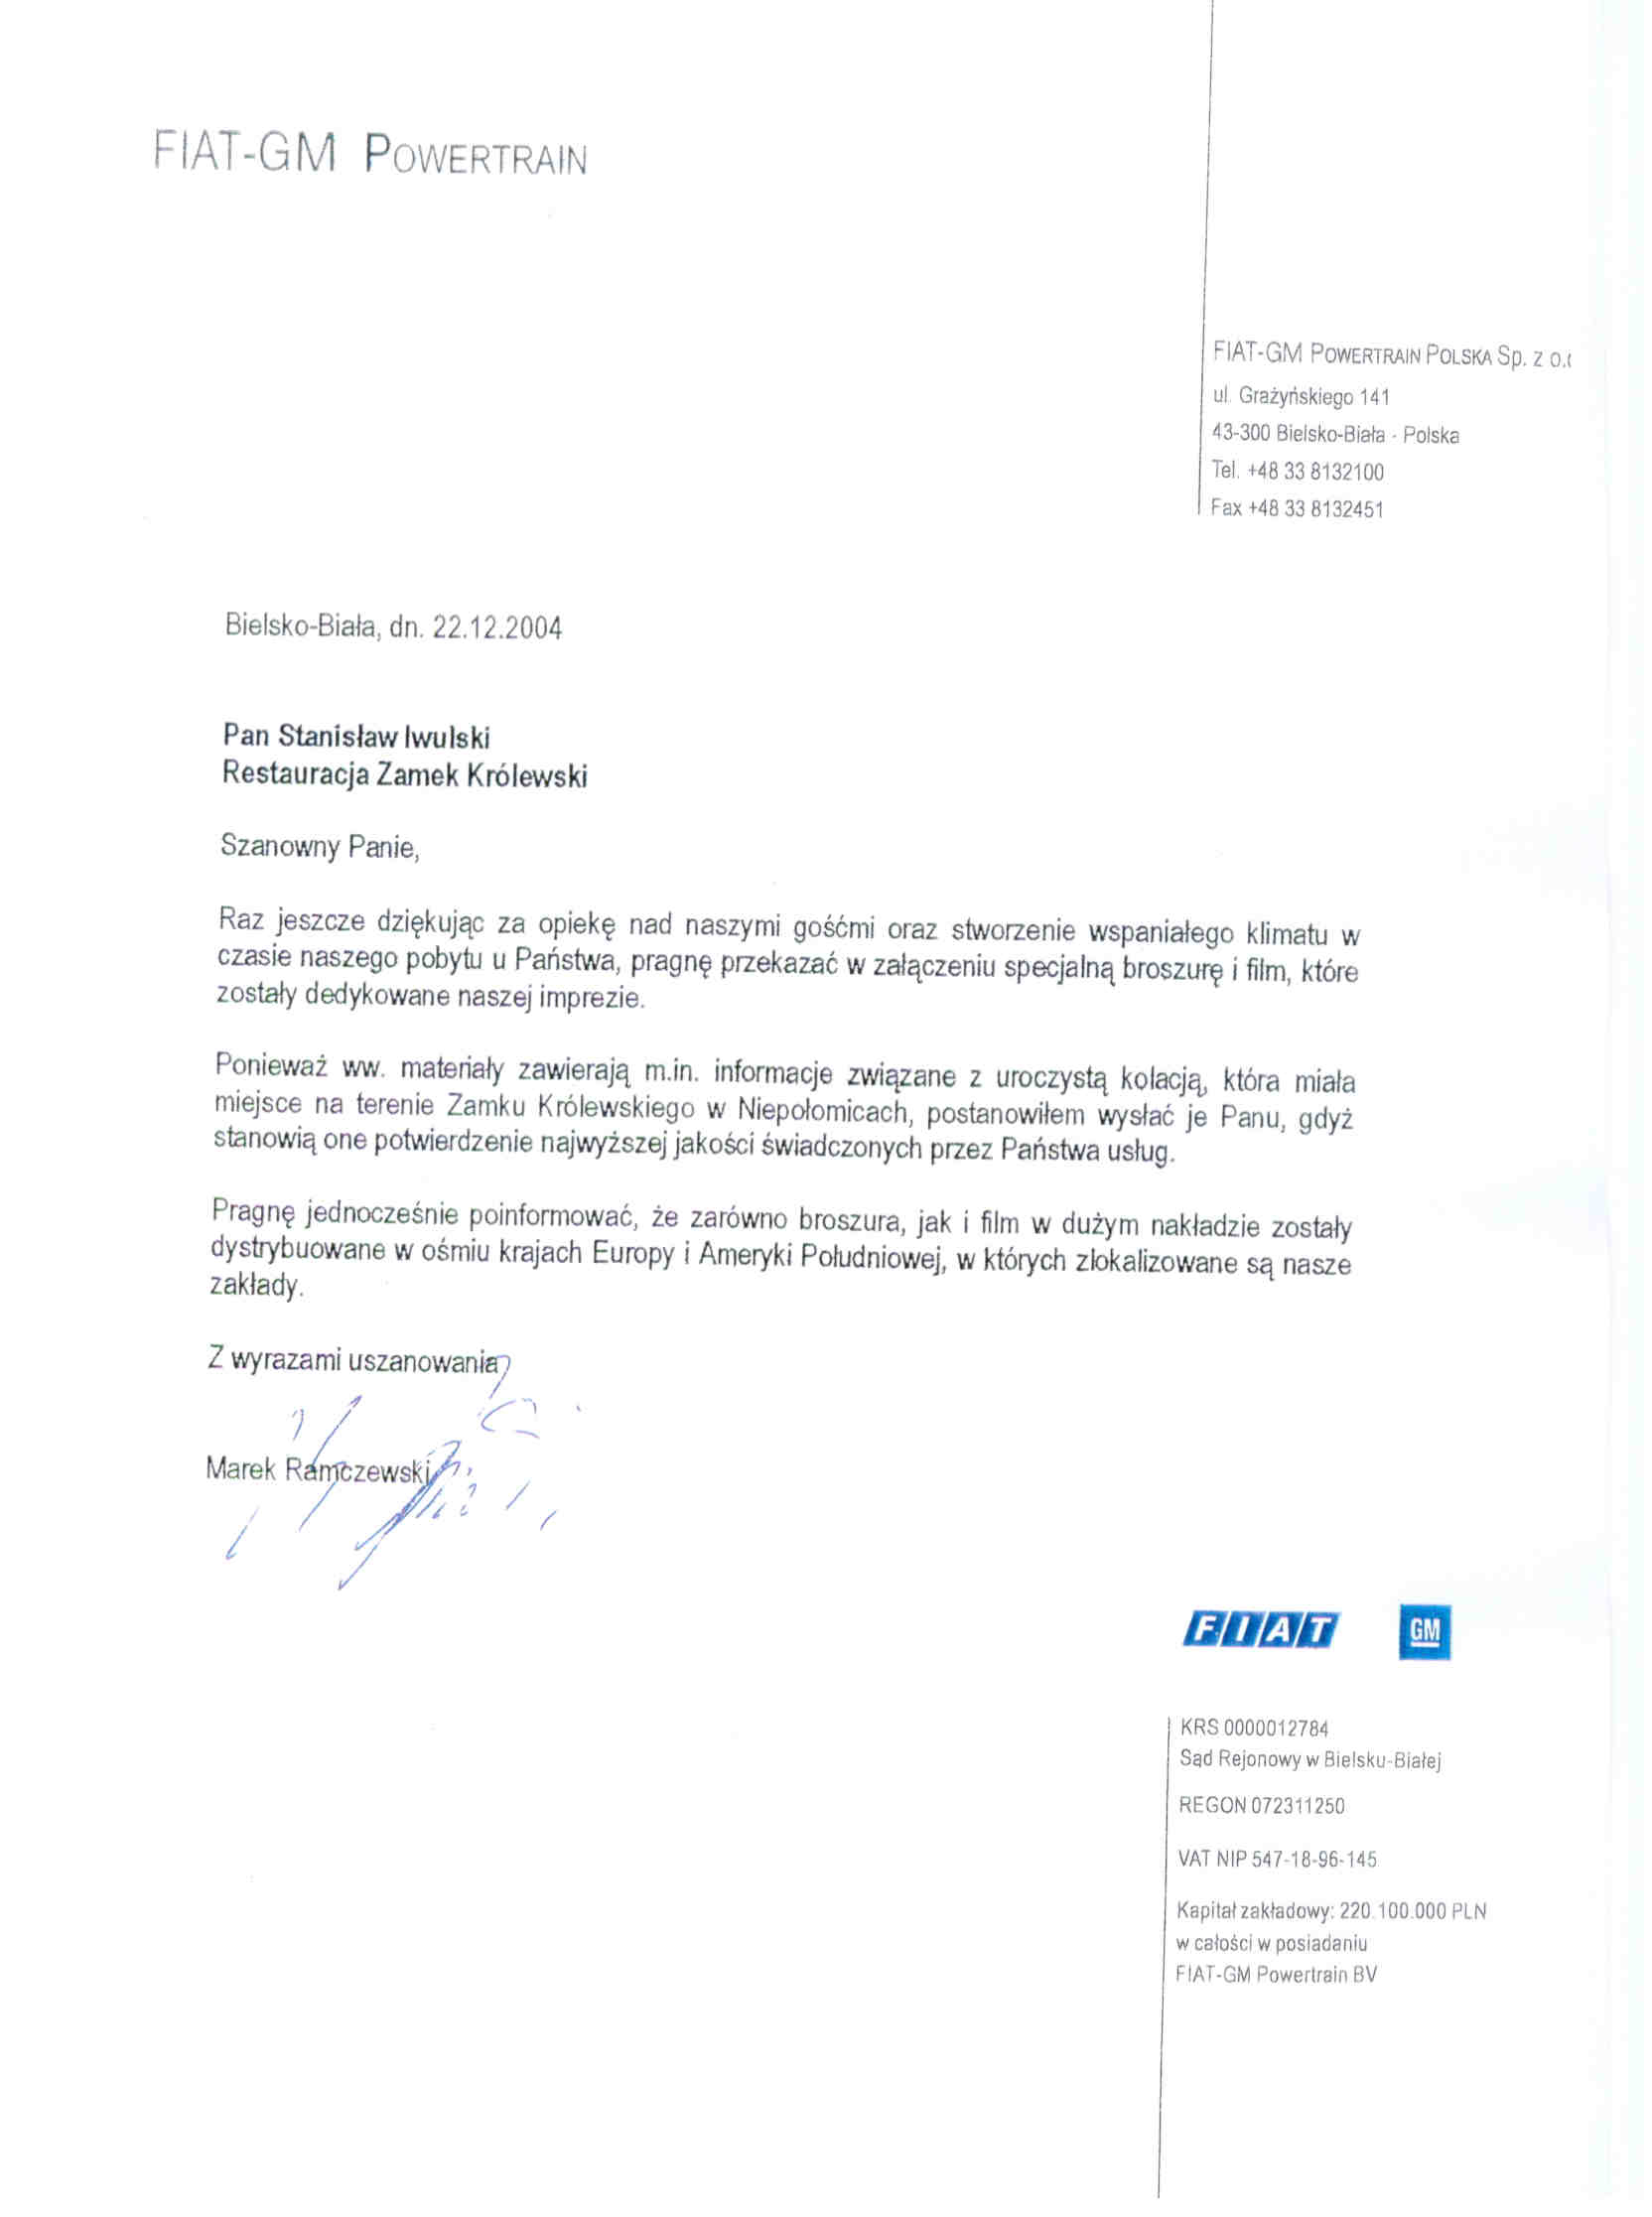 referencje_FIAT-GM_Powertrain